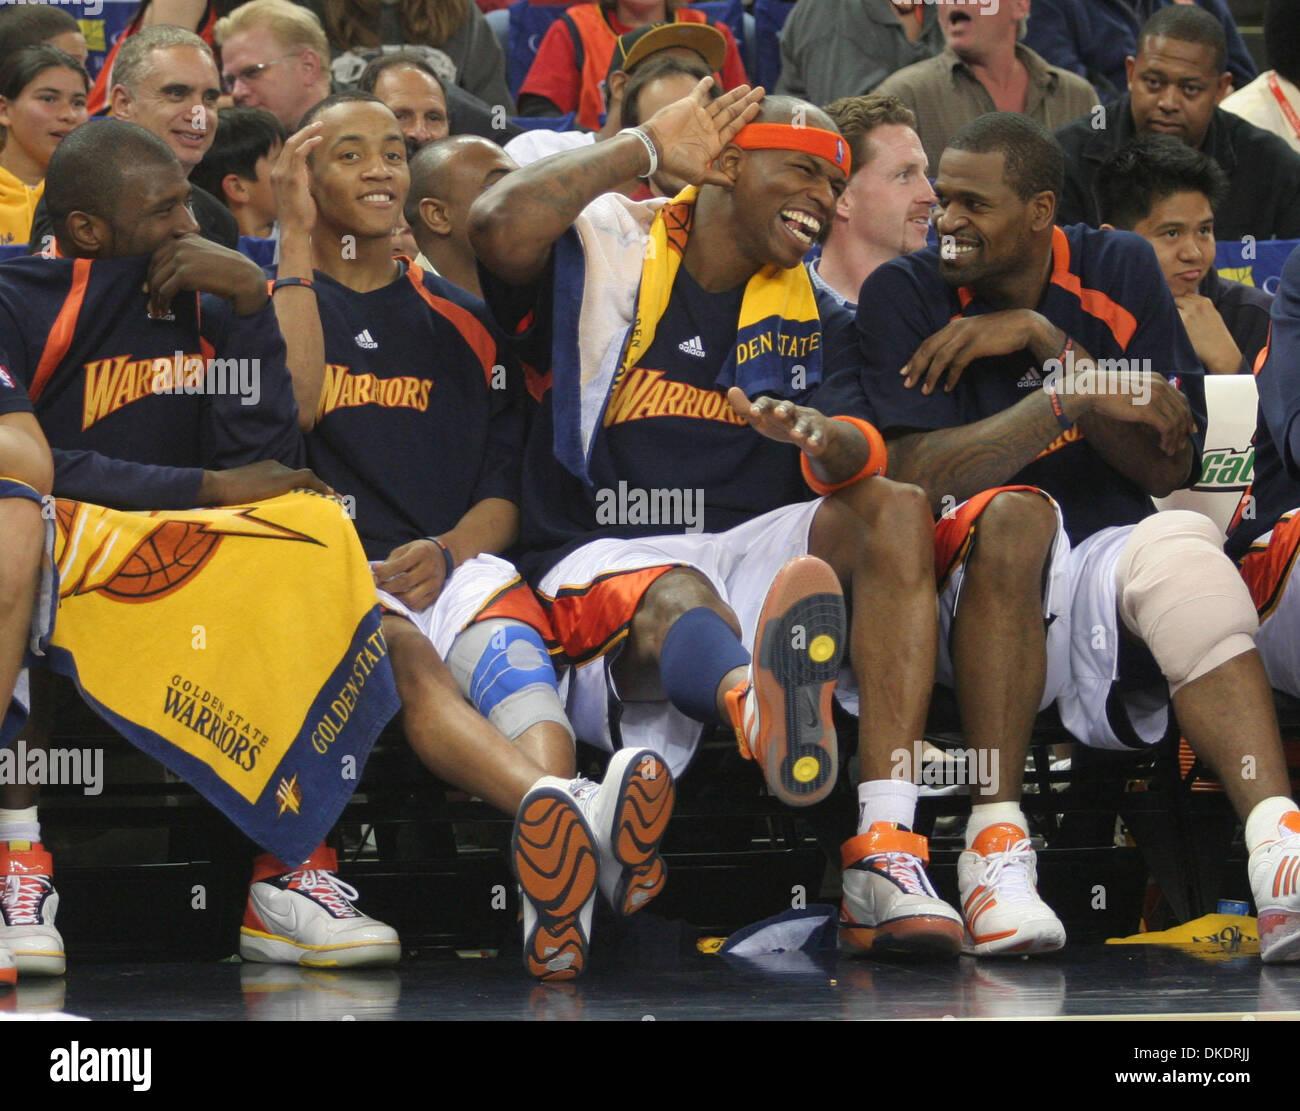 Apr 09 2007 Oakland CA USA Warriors AL HARRINGTON second